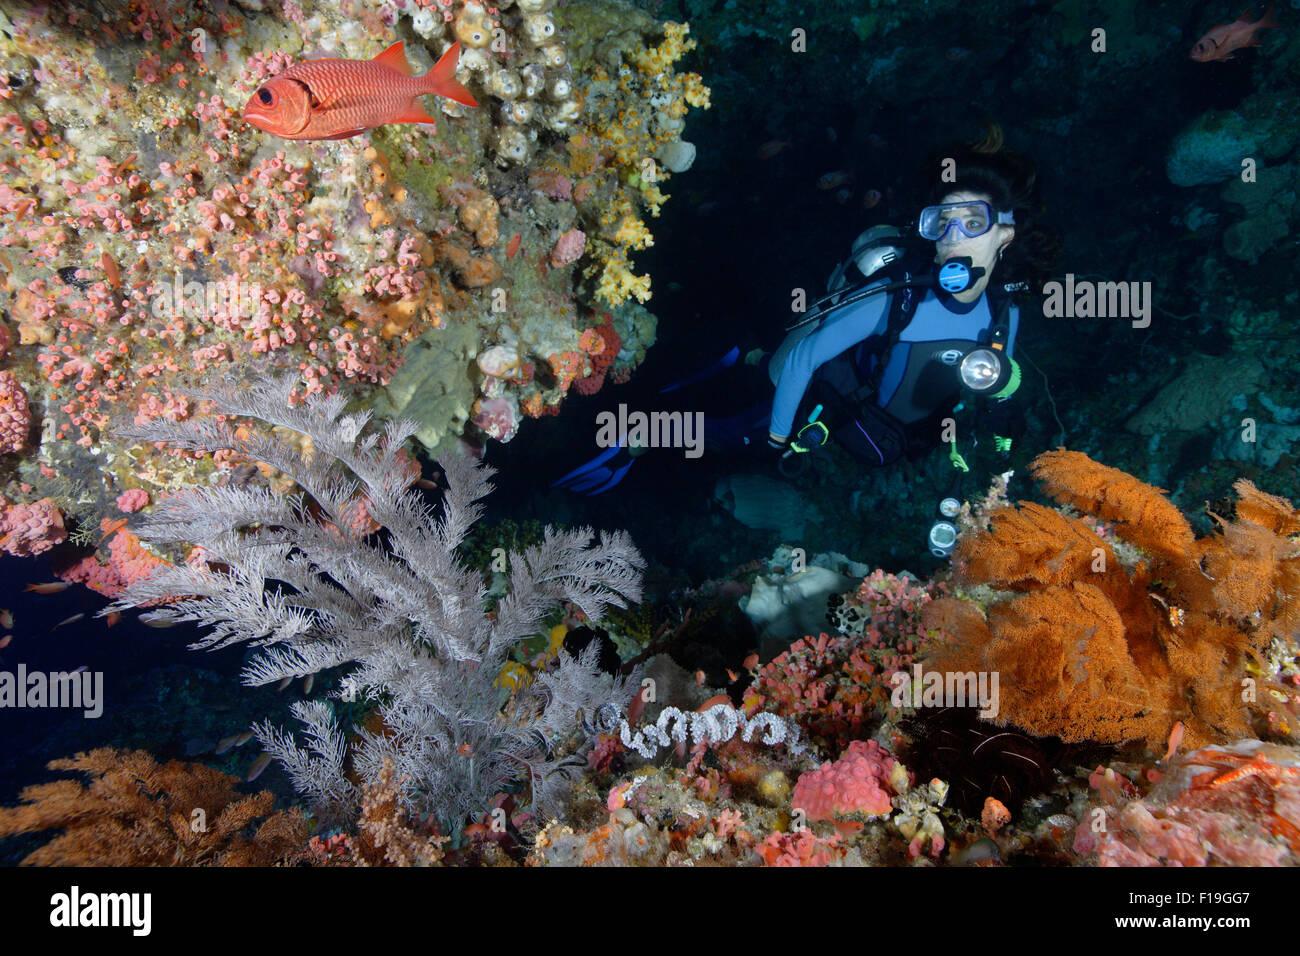 Px0452-D. scuba diver (modello rilasciato) esplora la grotta ornata di corallo nero cespugli. Indonesia, tropicale Immagini Stock